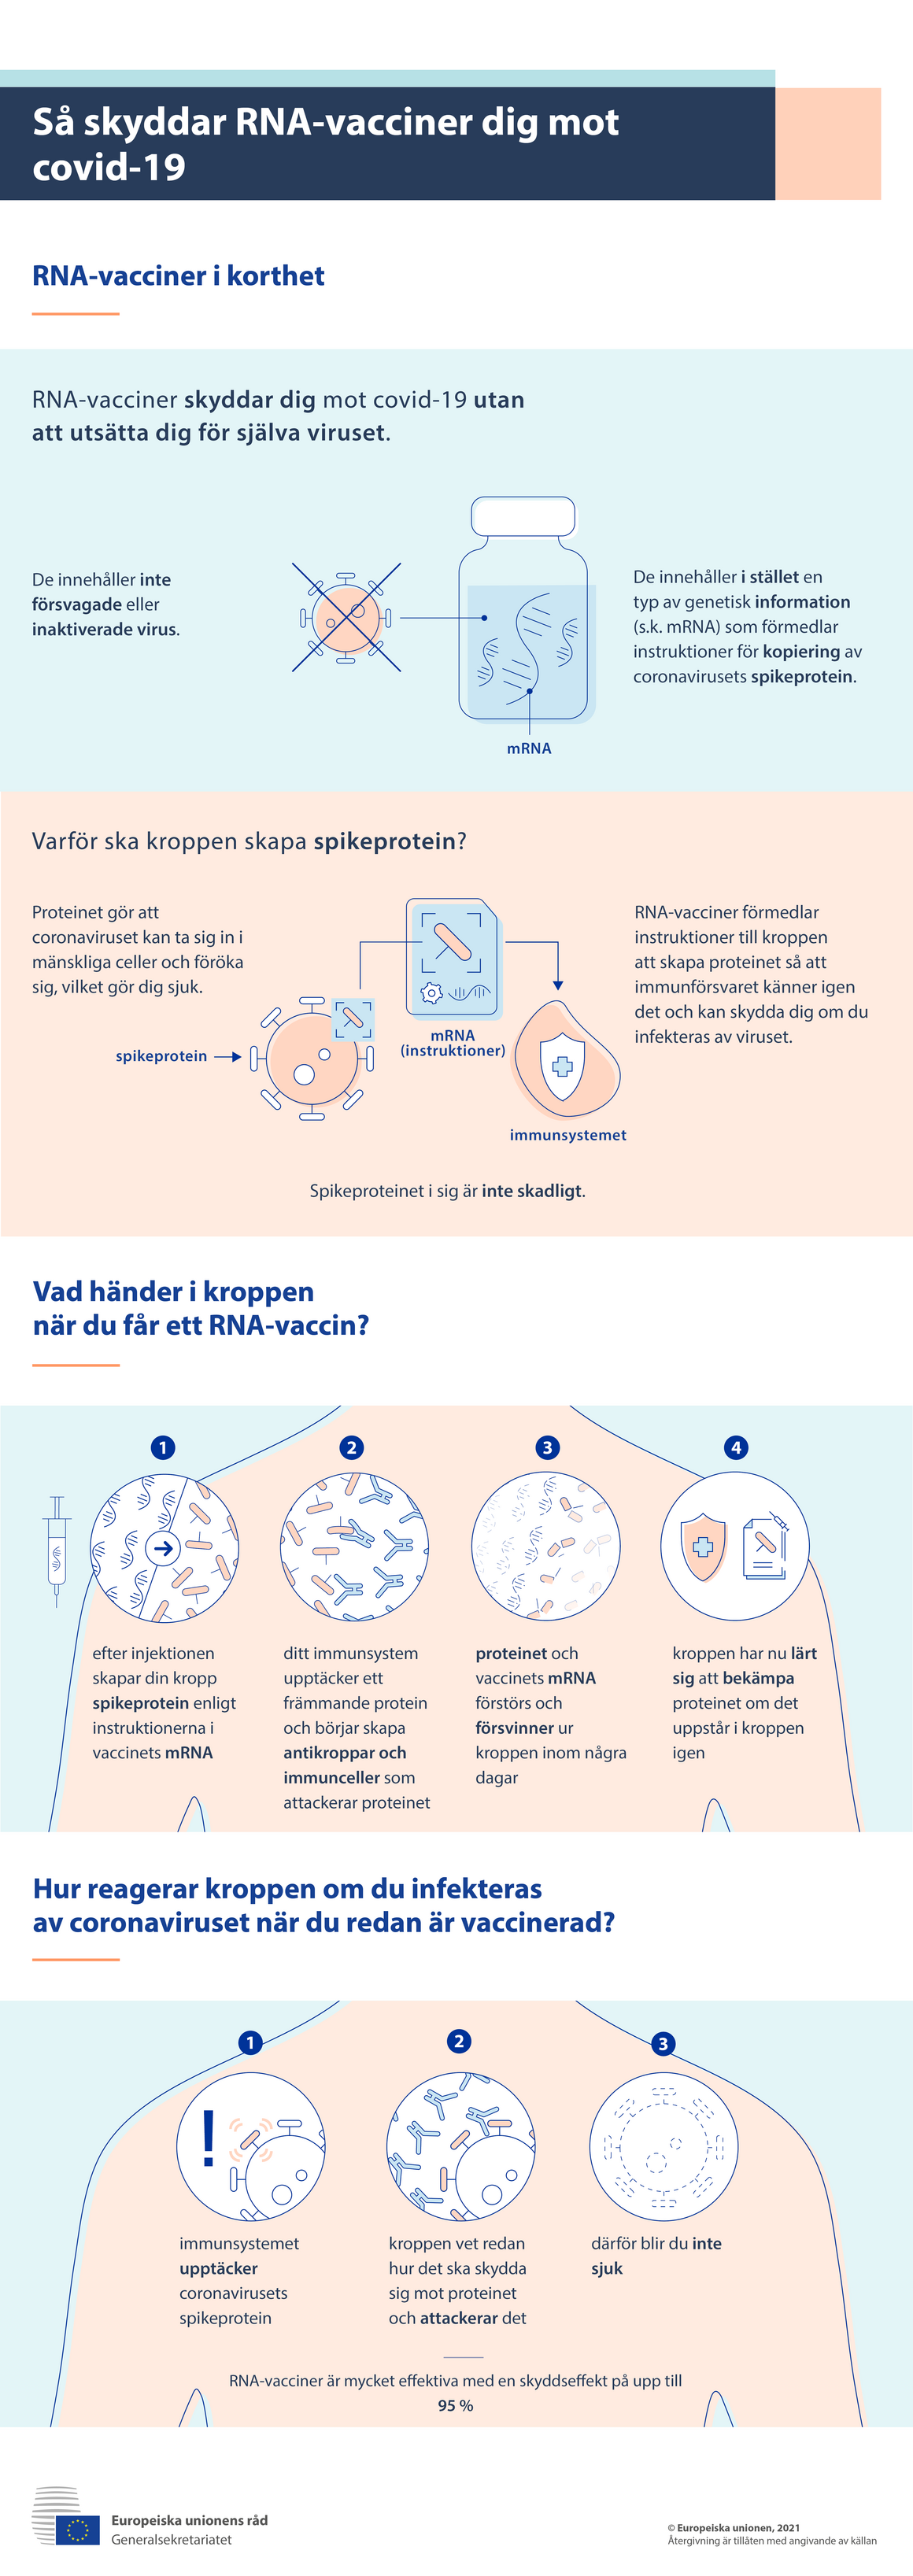 Infografik: Så skyddar mRNA-vacciner mot covid-19